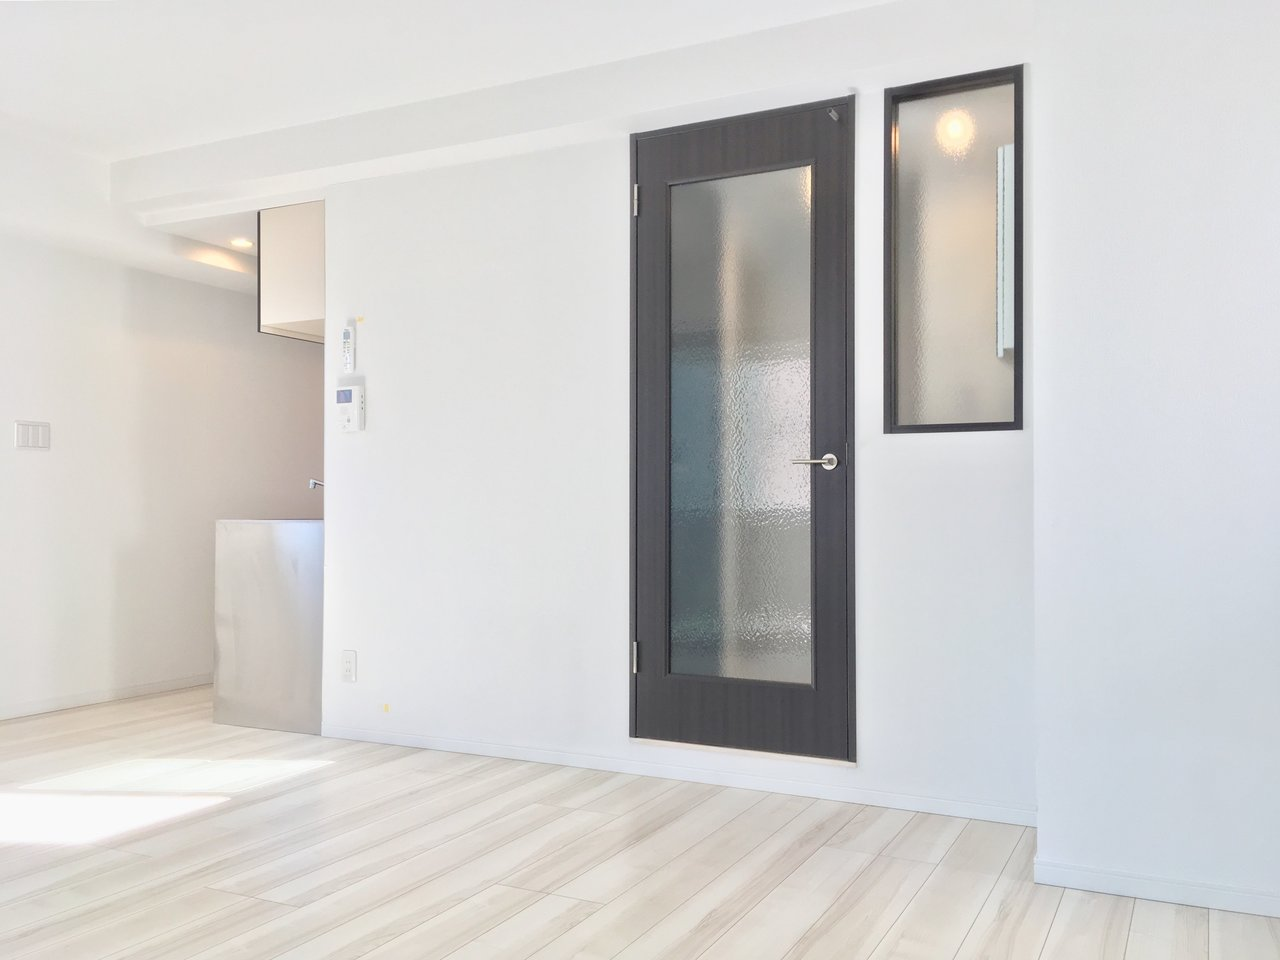 白を基調に、建具にはアクセントにダークグレーが用いられたお部屋。モダンなインテリアが似合いそう。